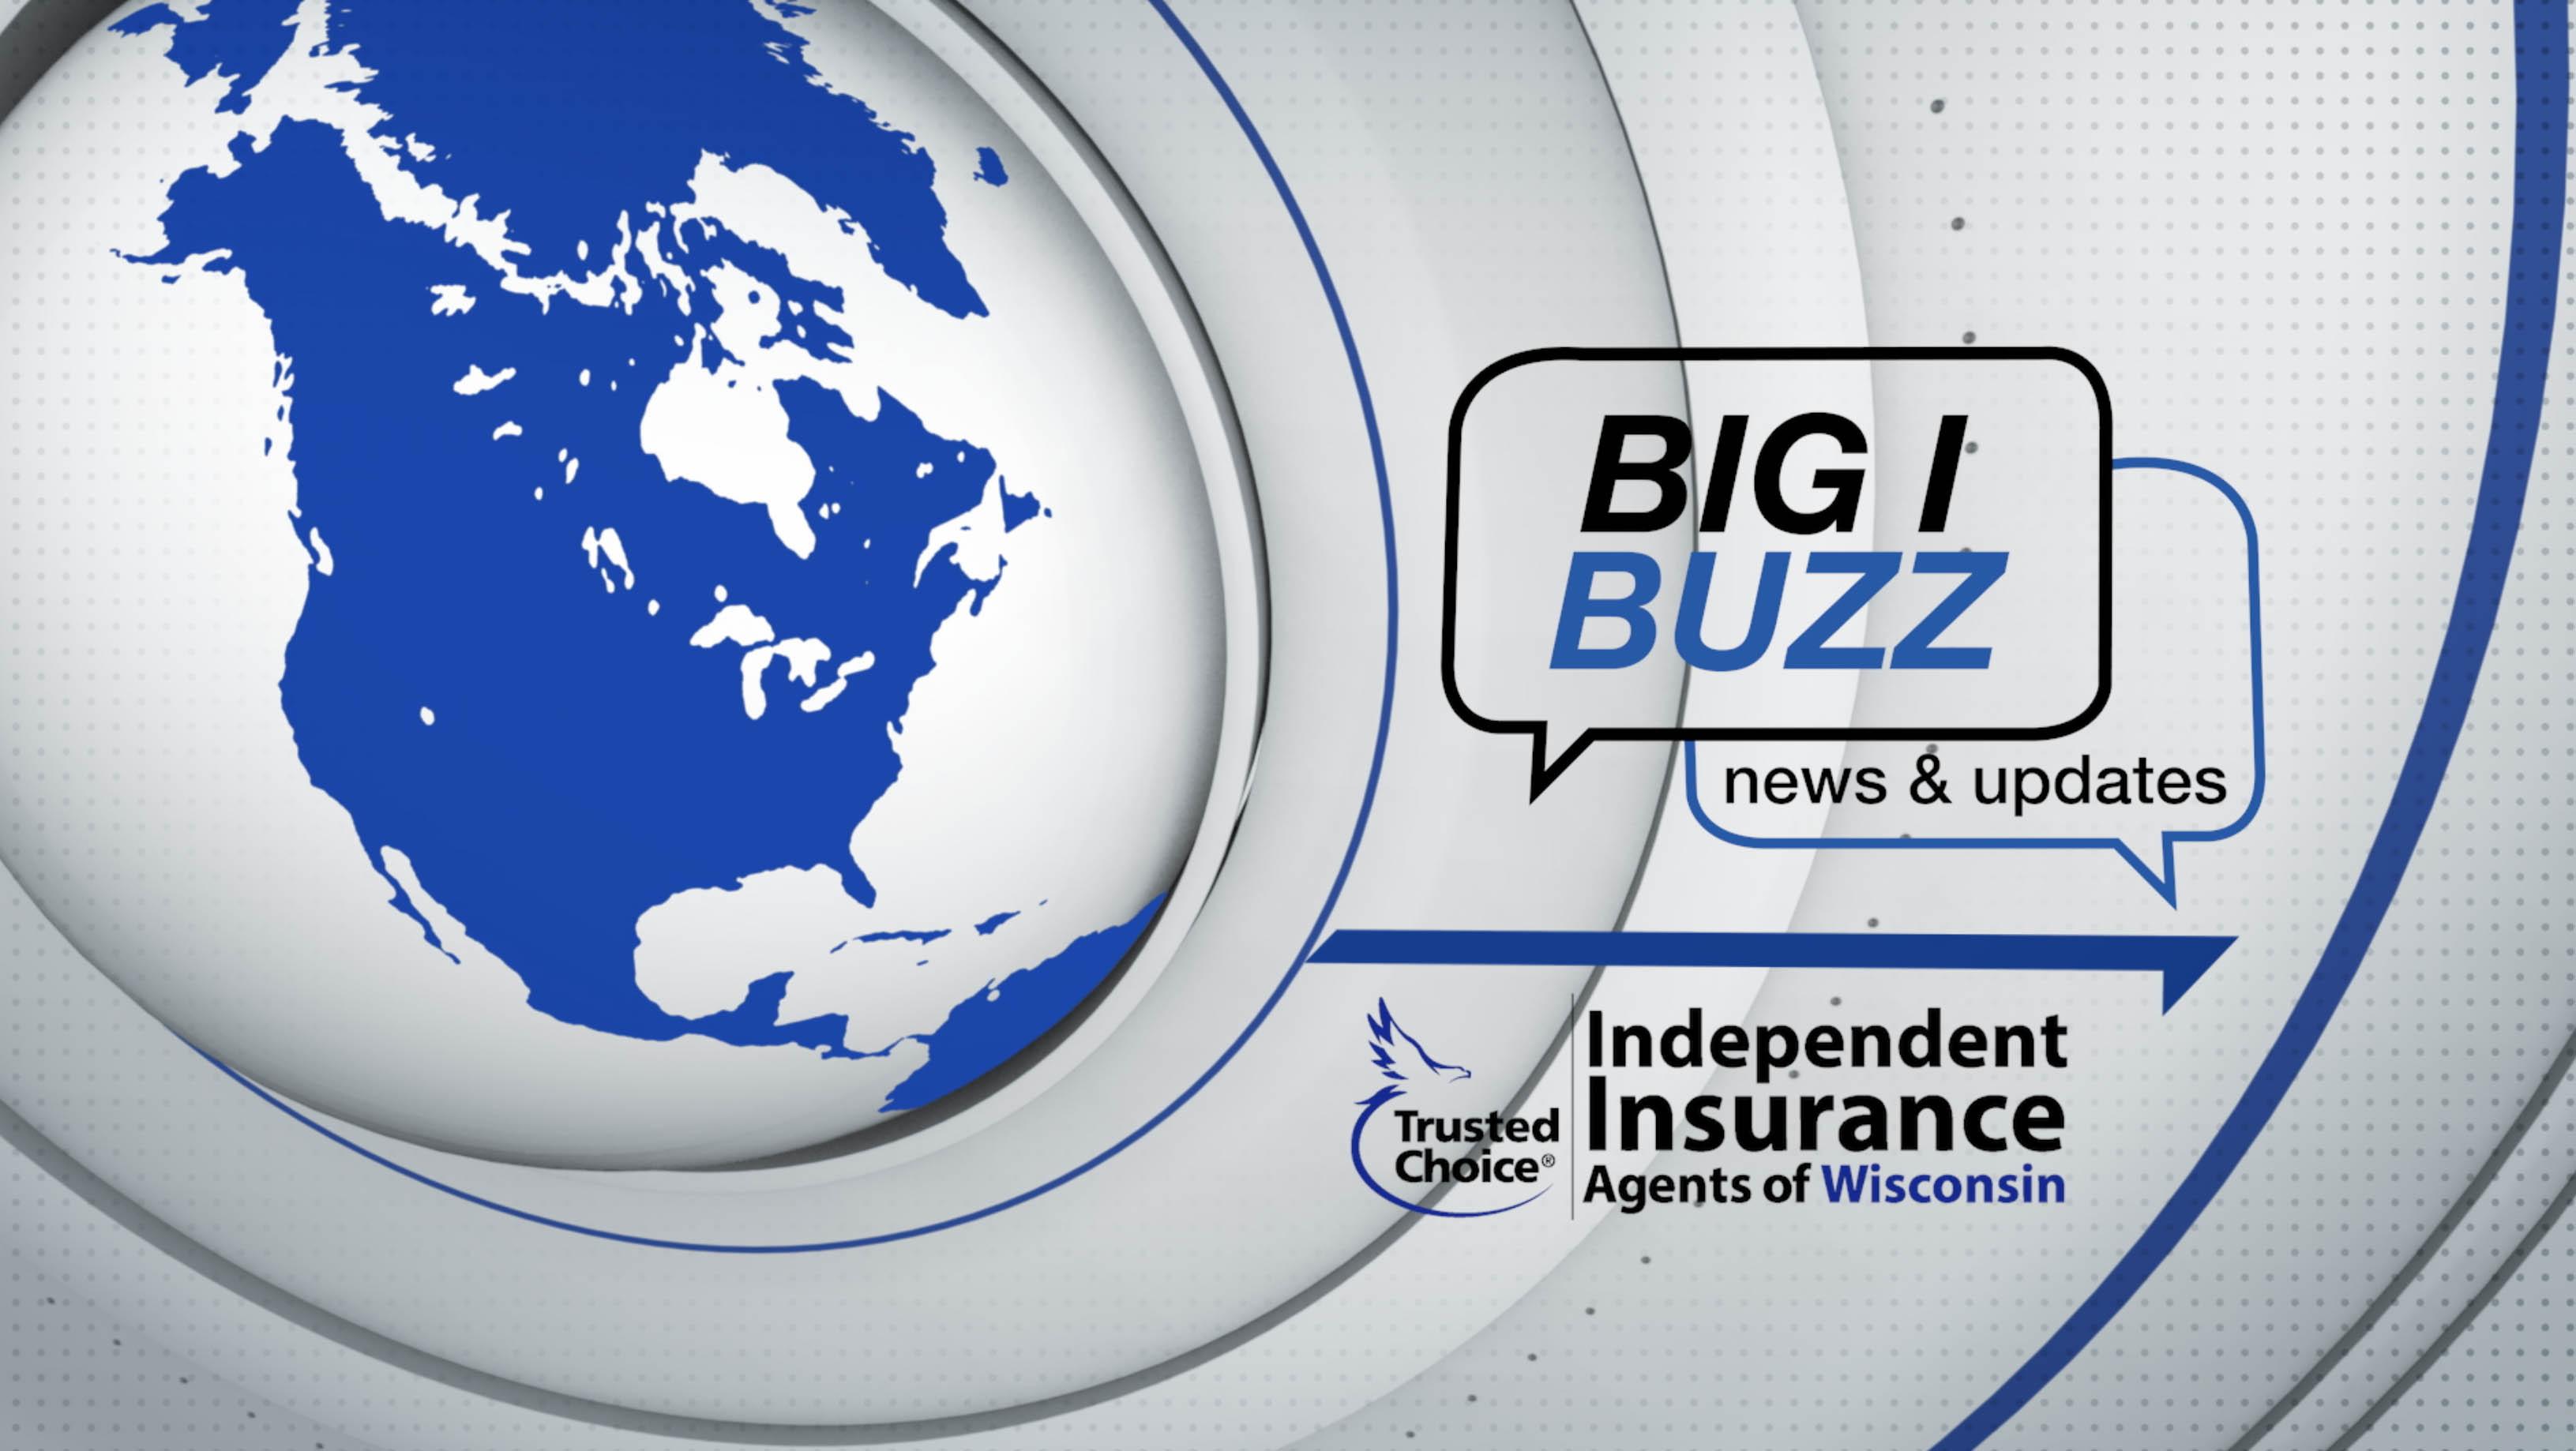 Big I Buzz Logo